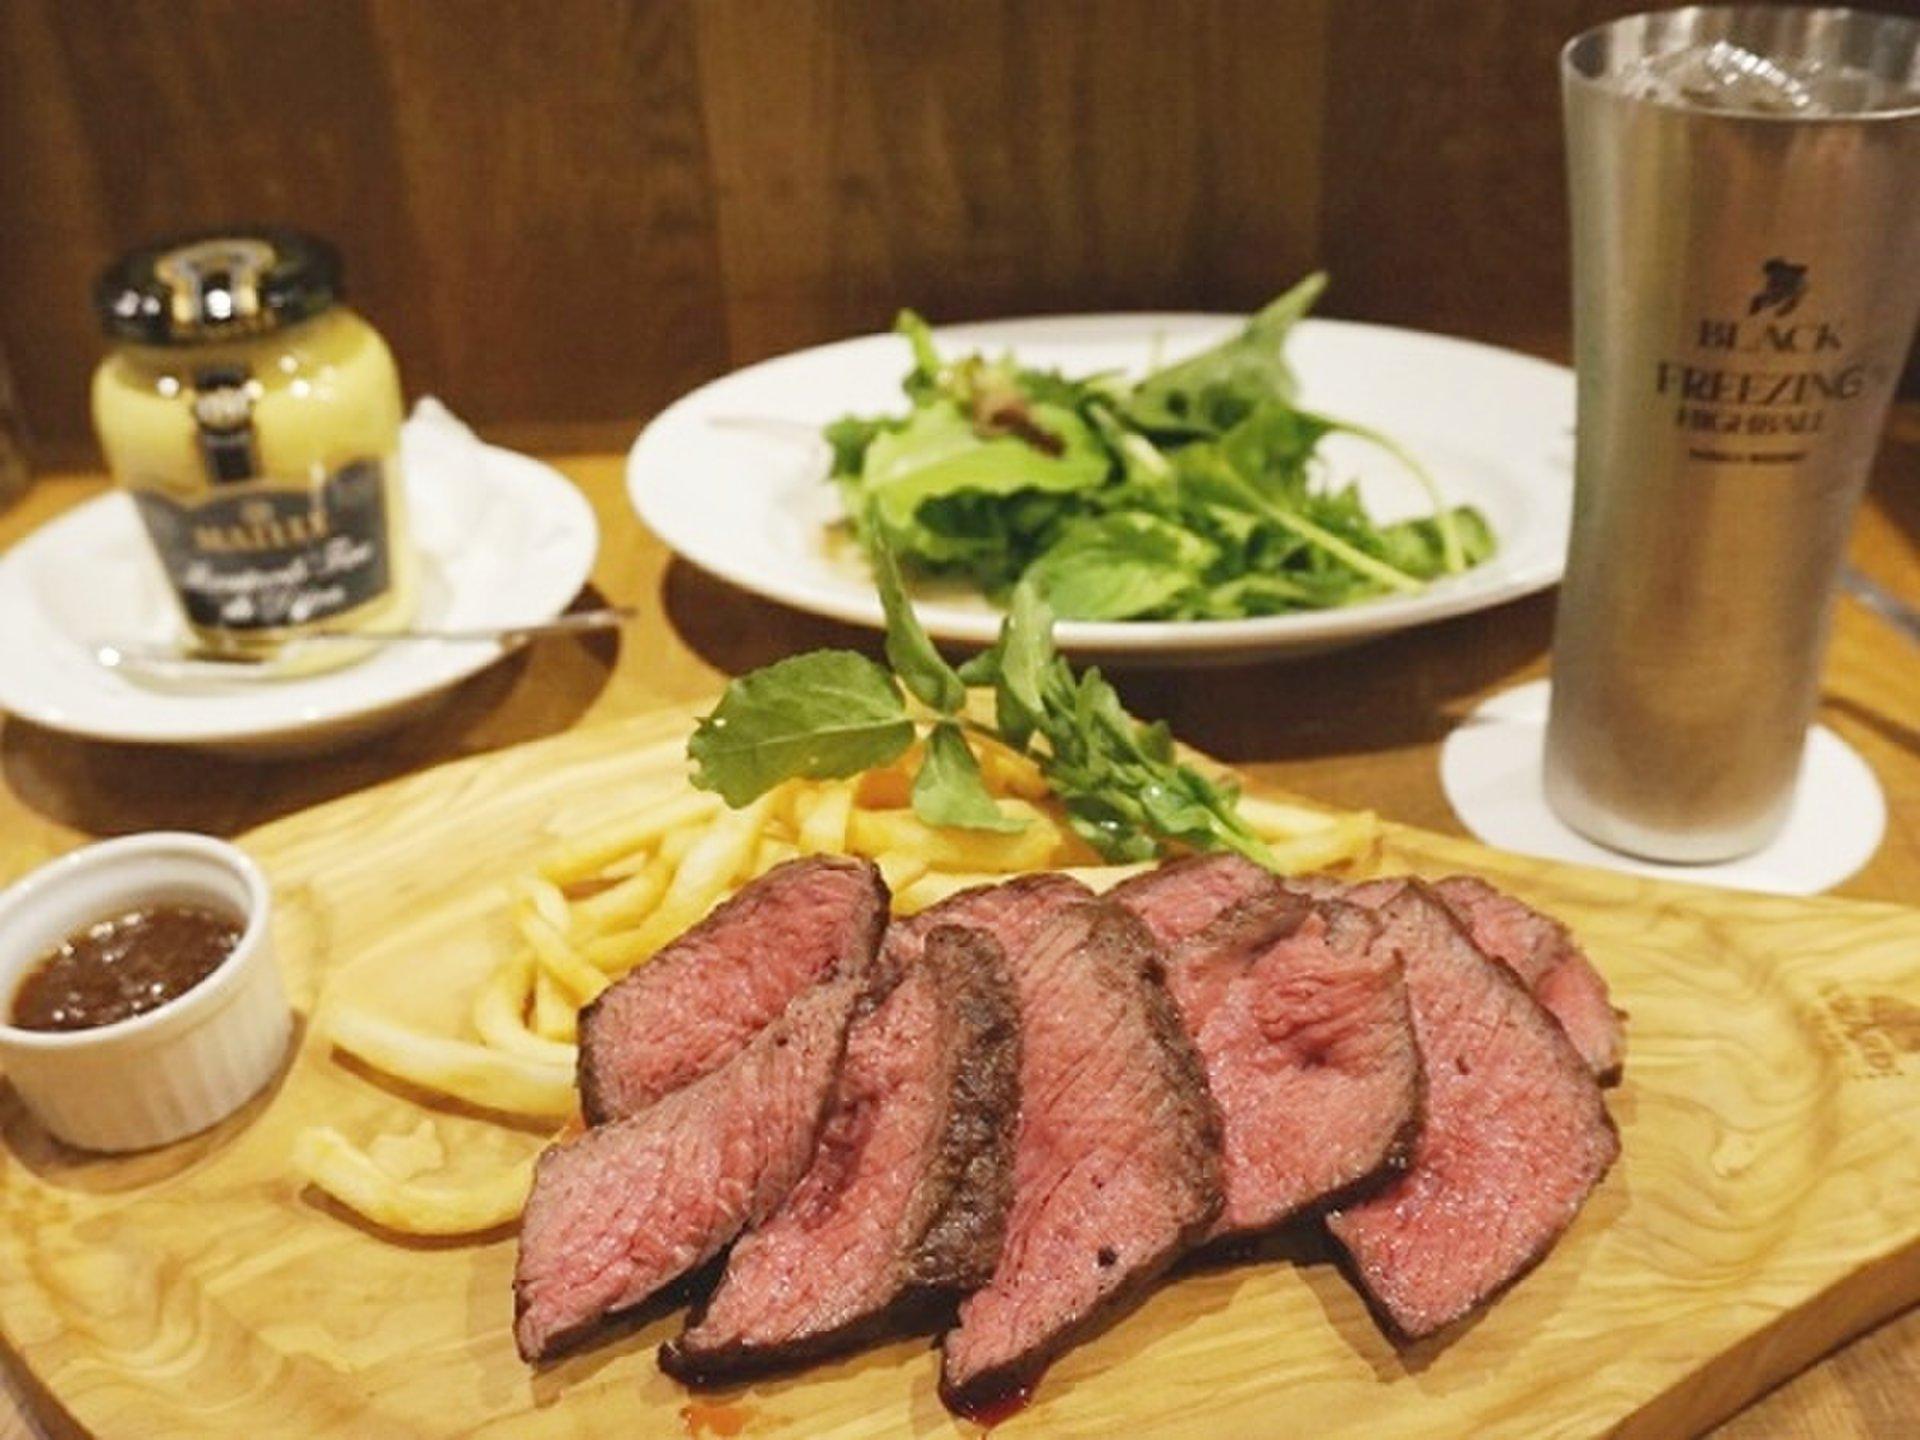 美味しいお肉が食べたい♡肉好き女子に送る、お酒と一緒に楽しめる人気の「肉バル」6選♪